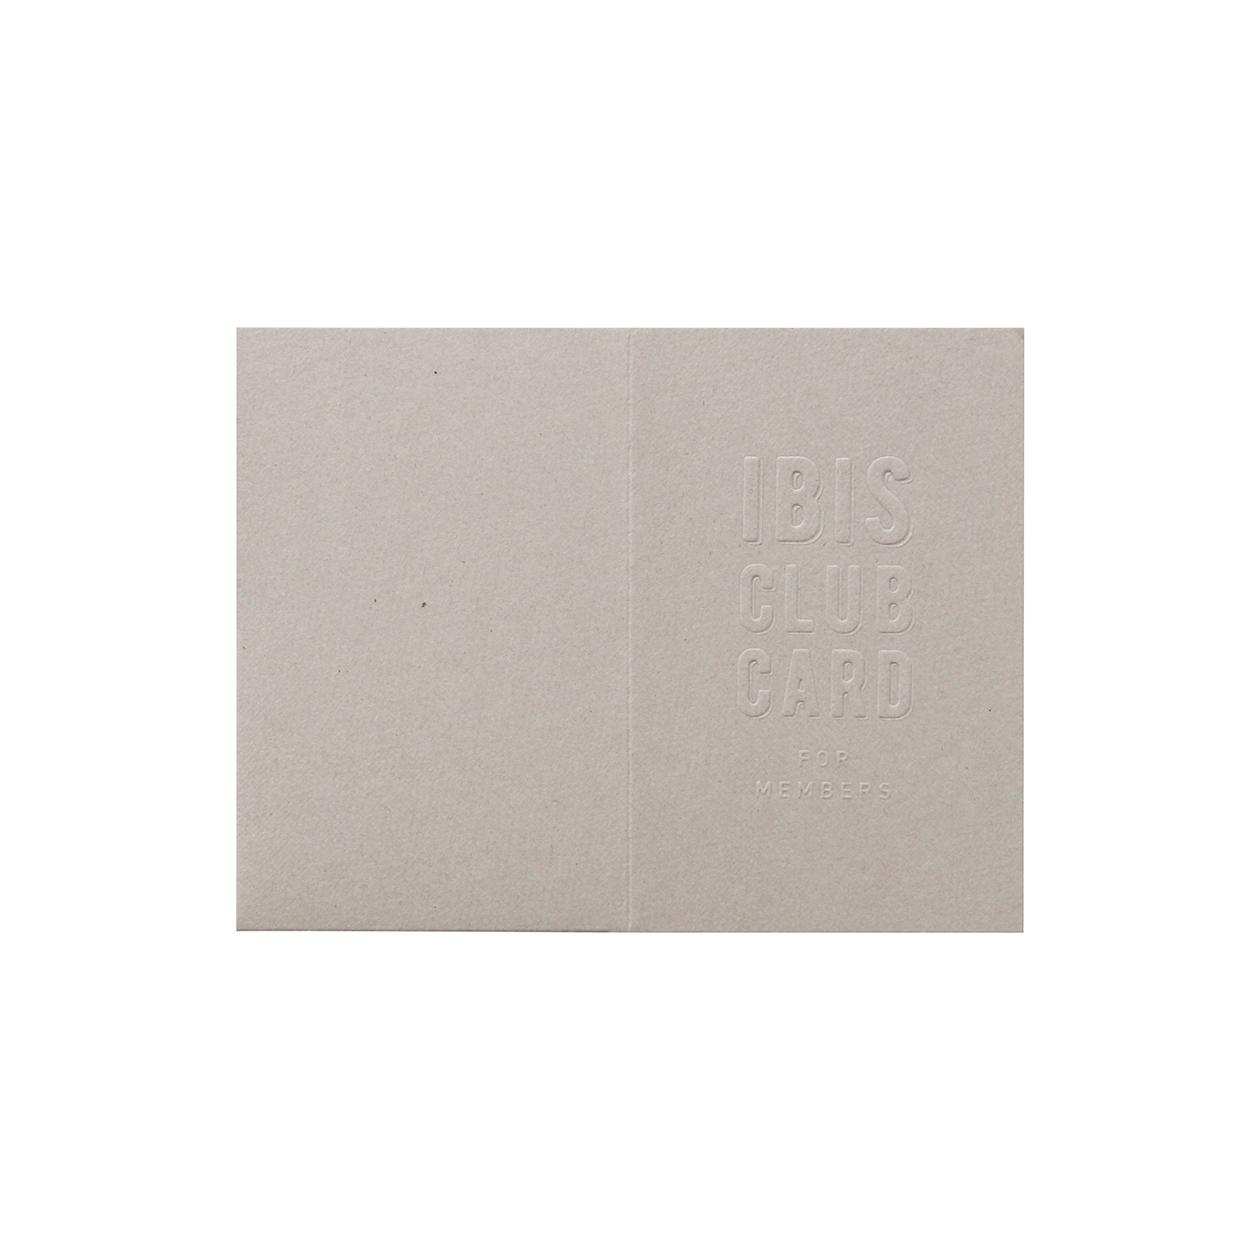 サンプル カード・シート 00267